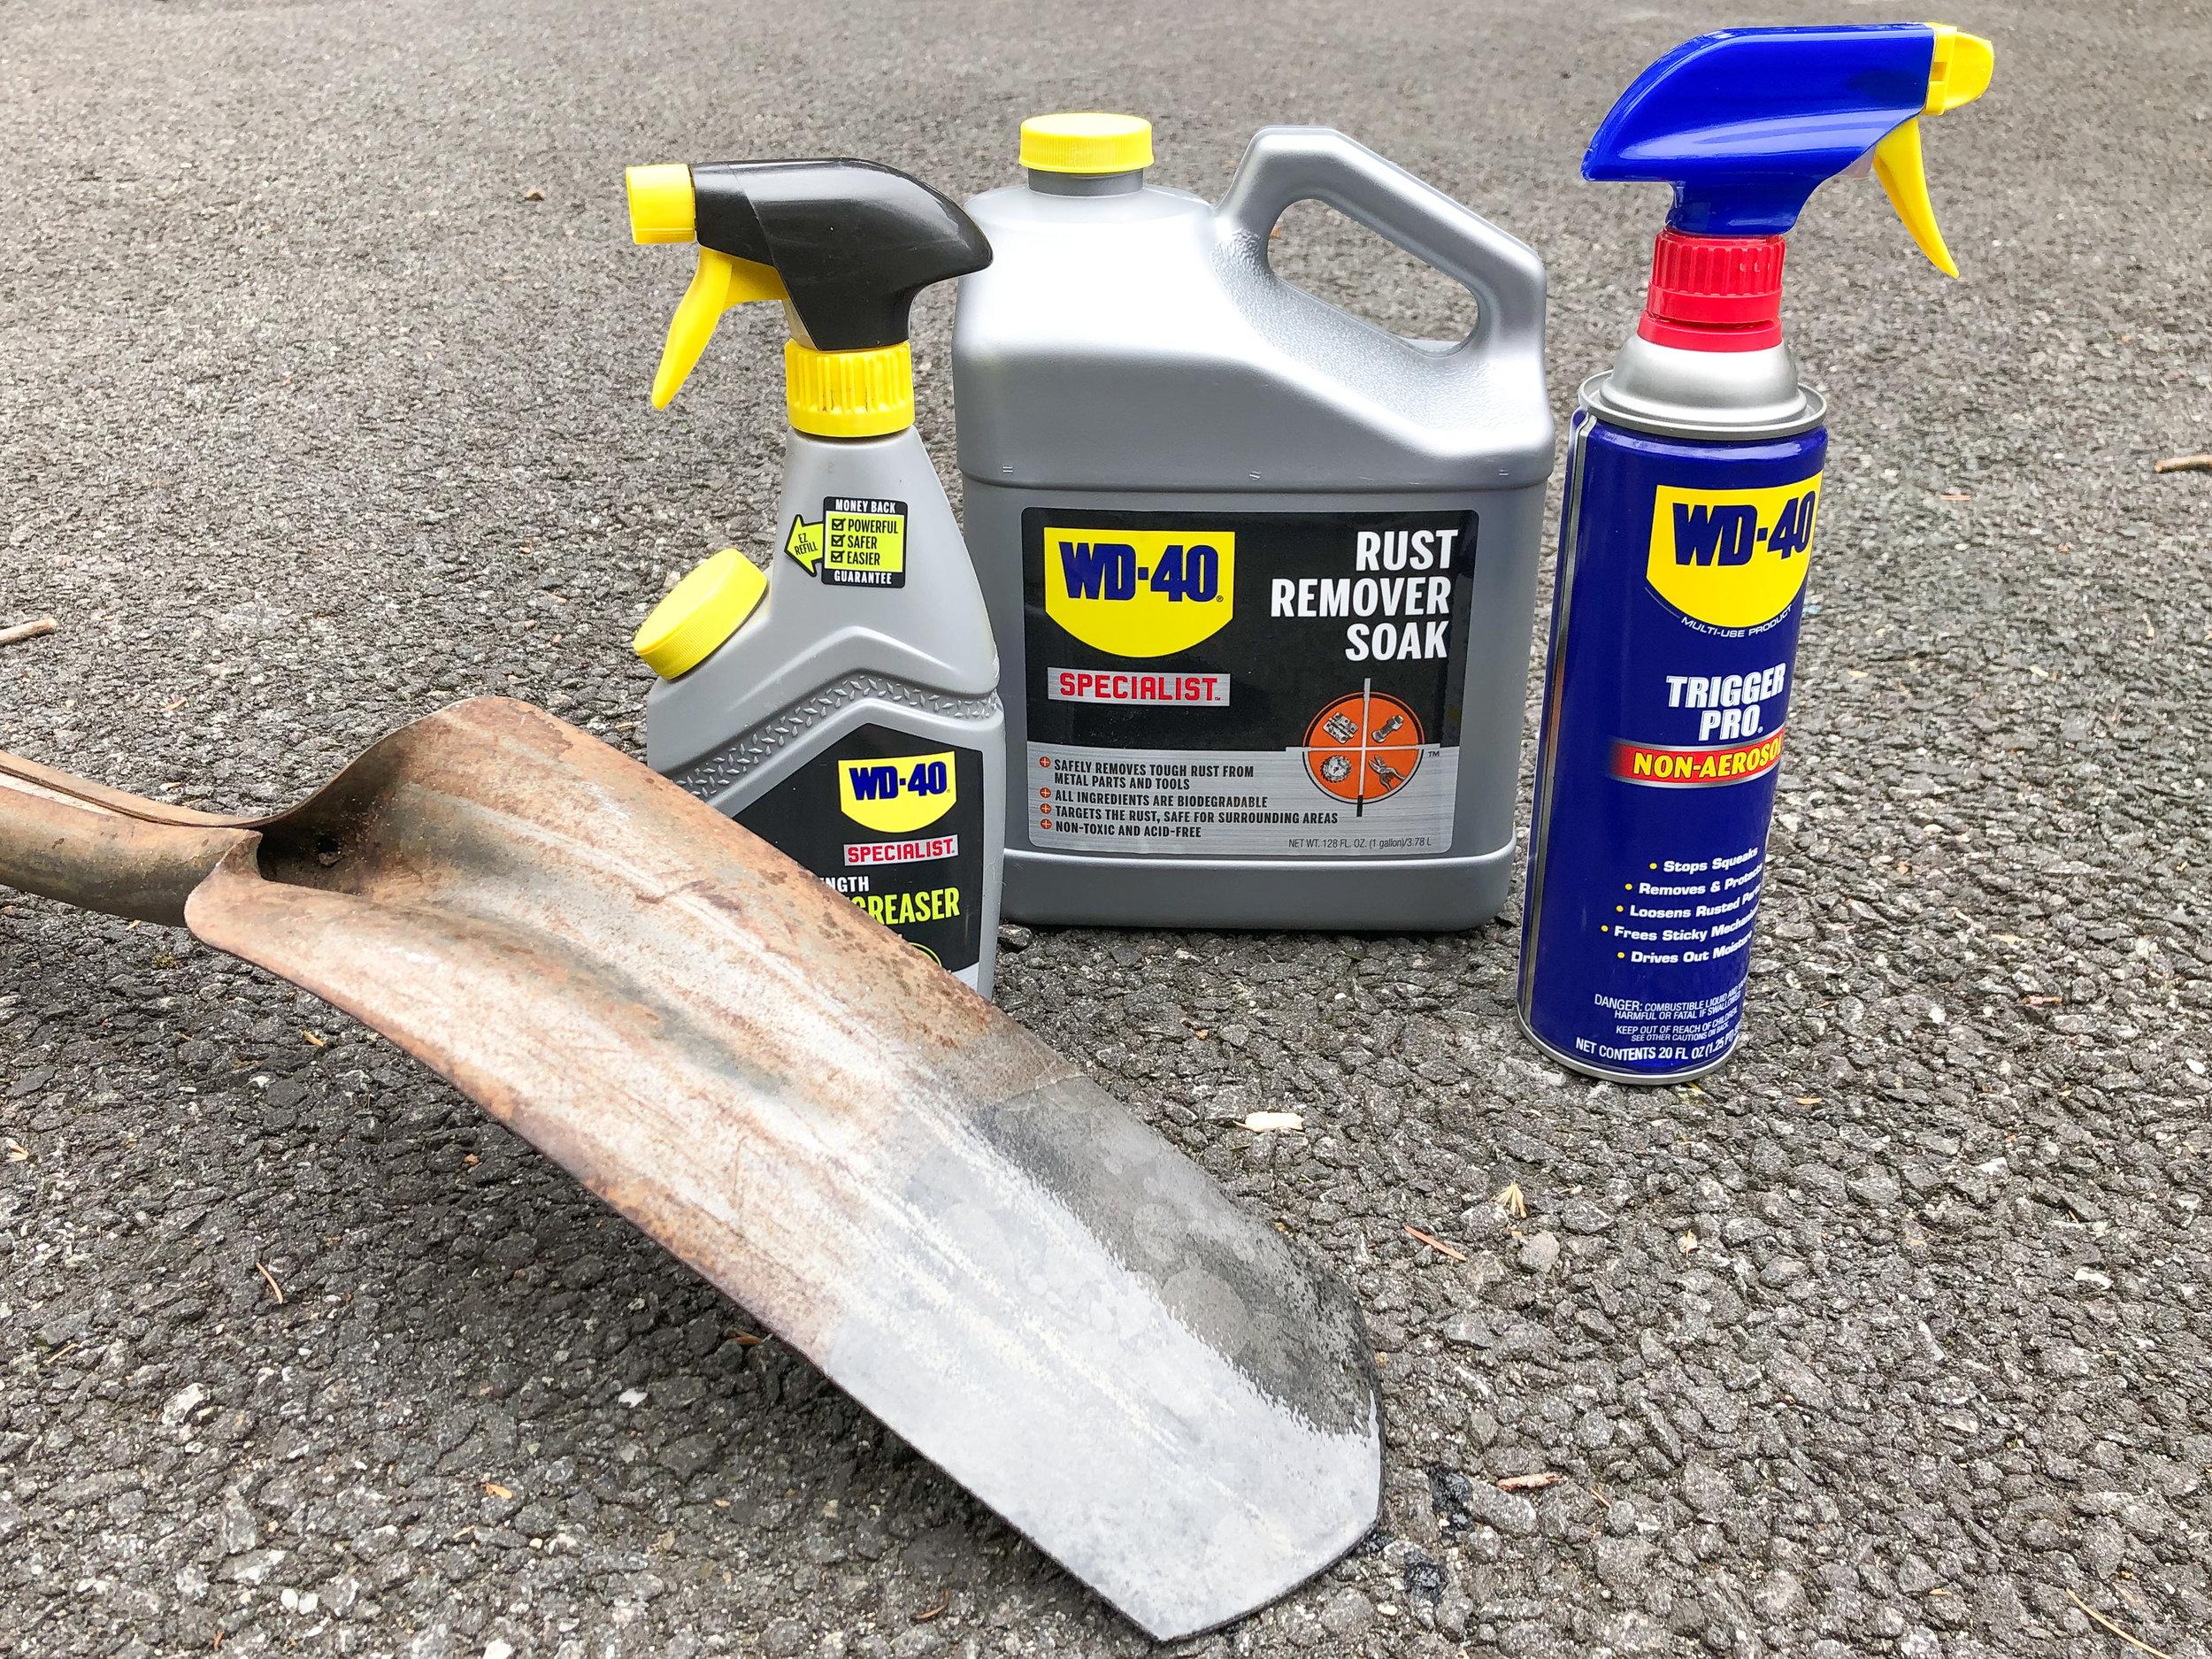 WD-40 rust remover soak